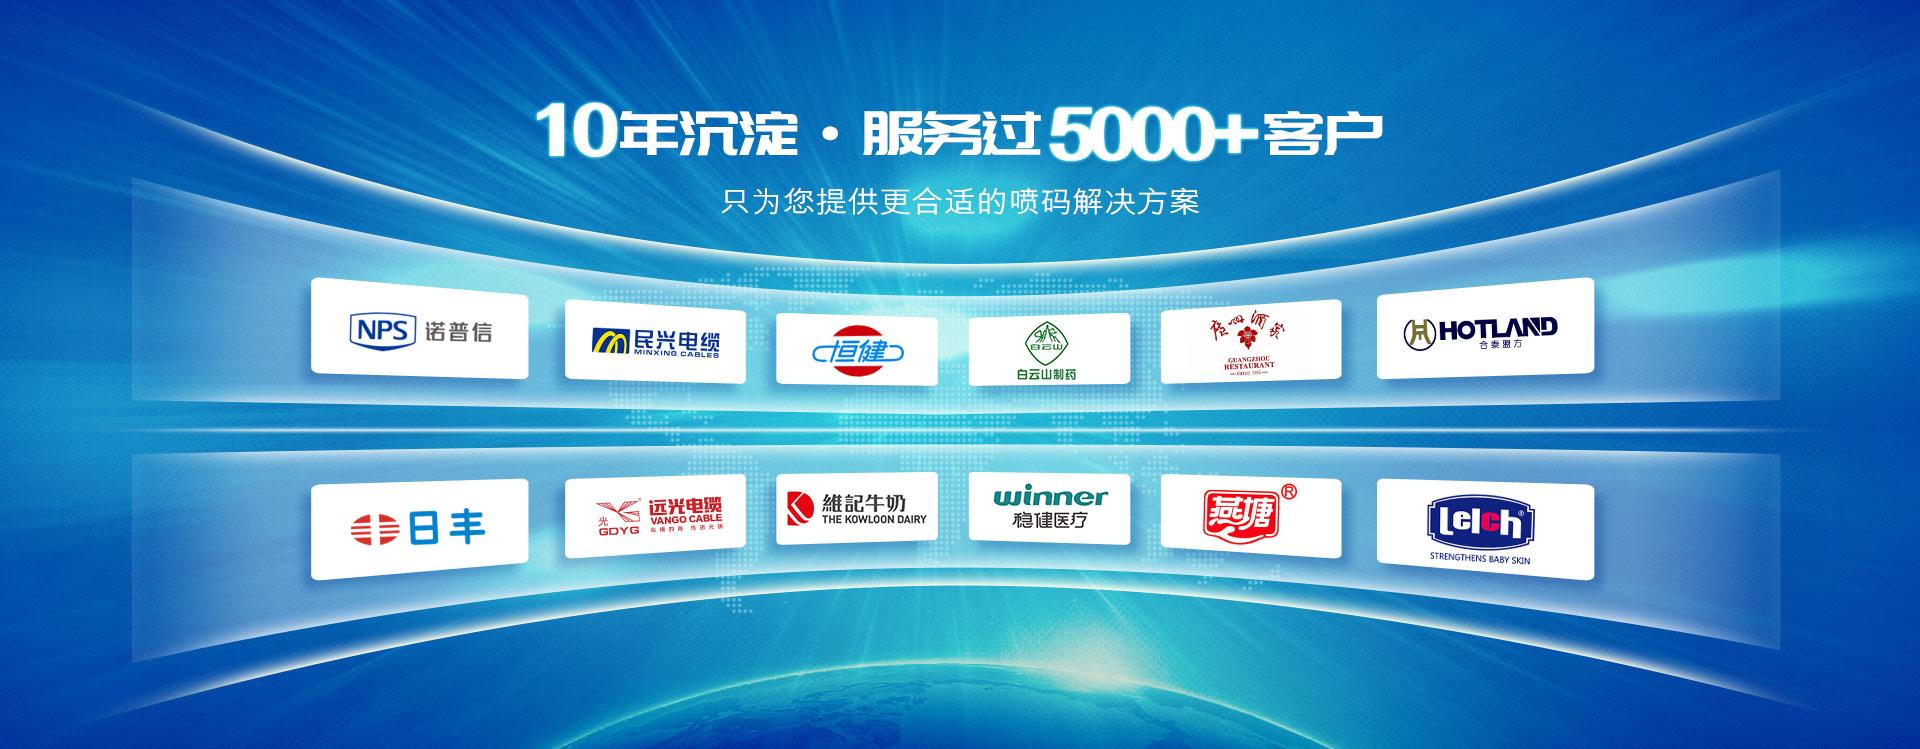 瑞润-10年沉淀·服务过5000+客户